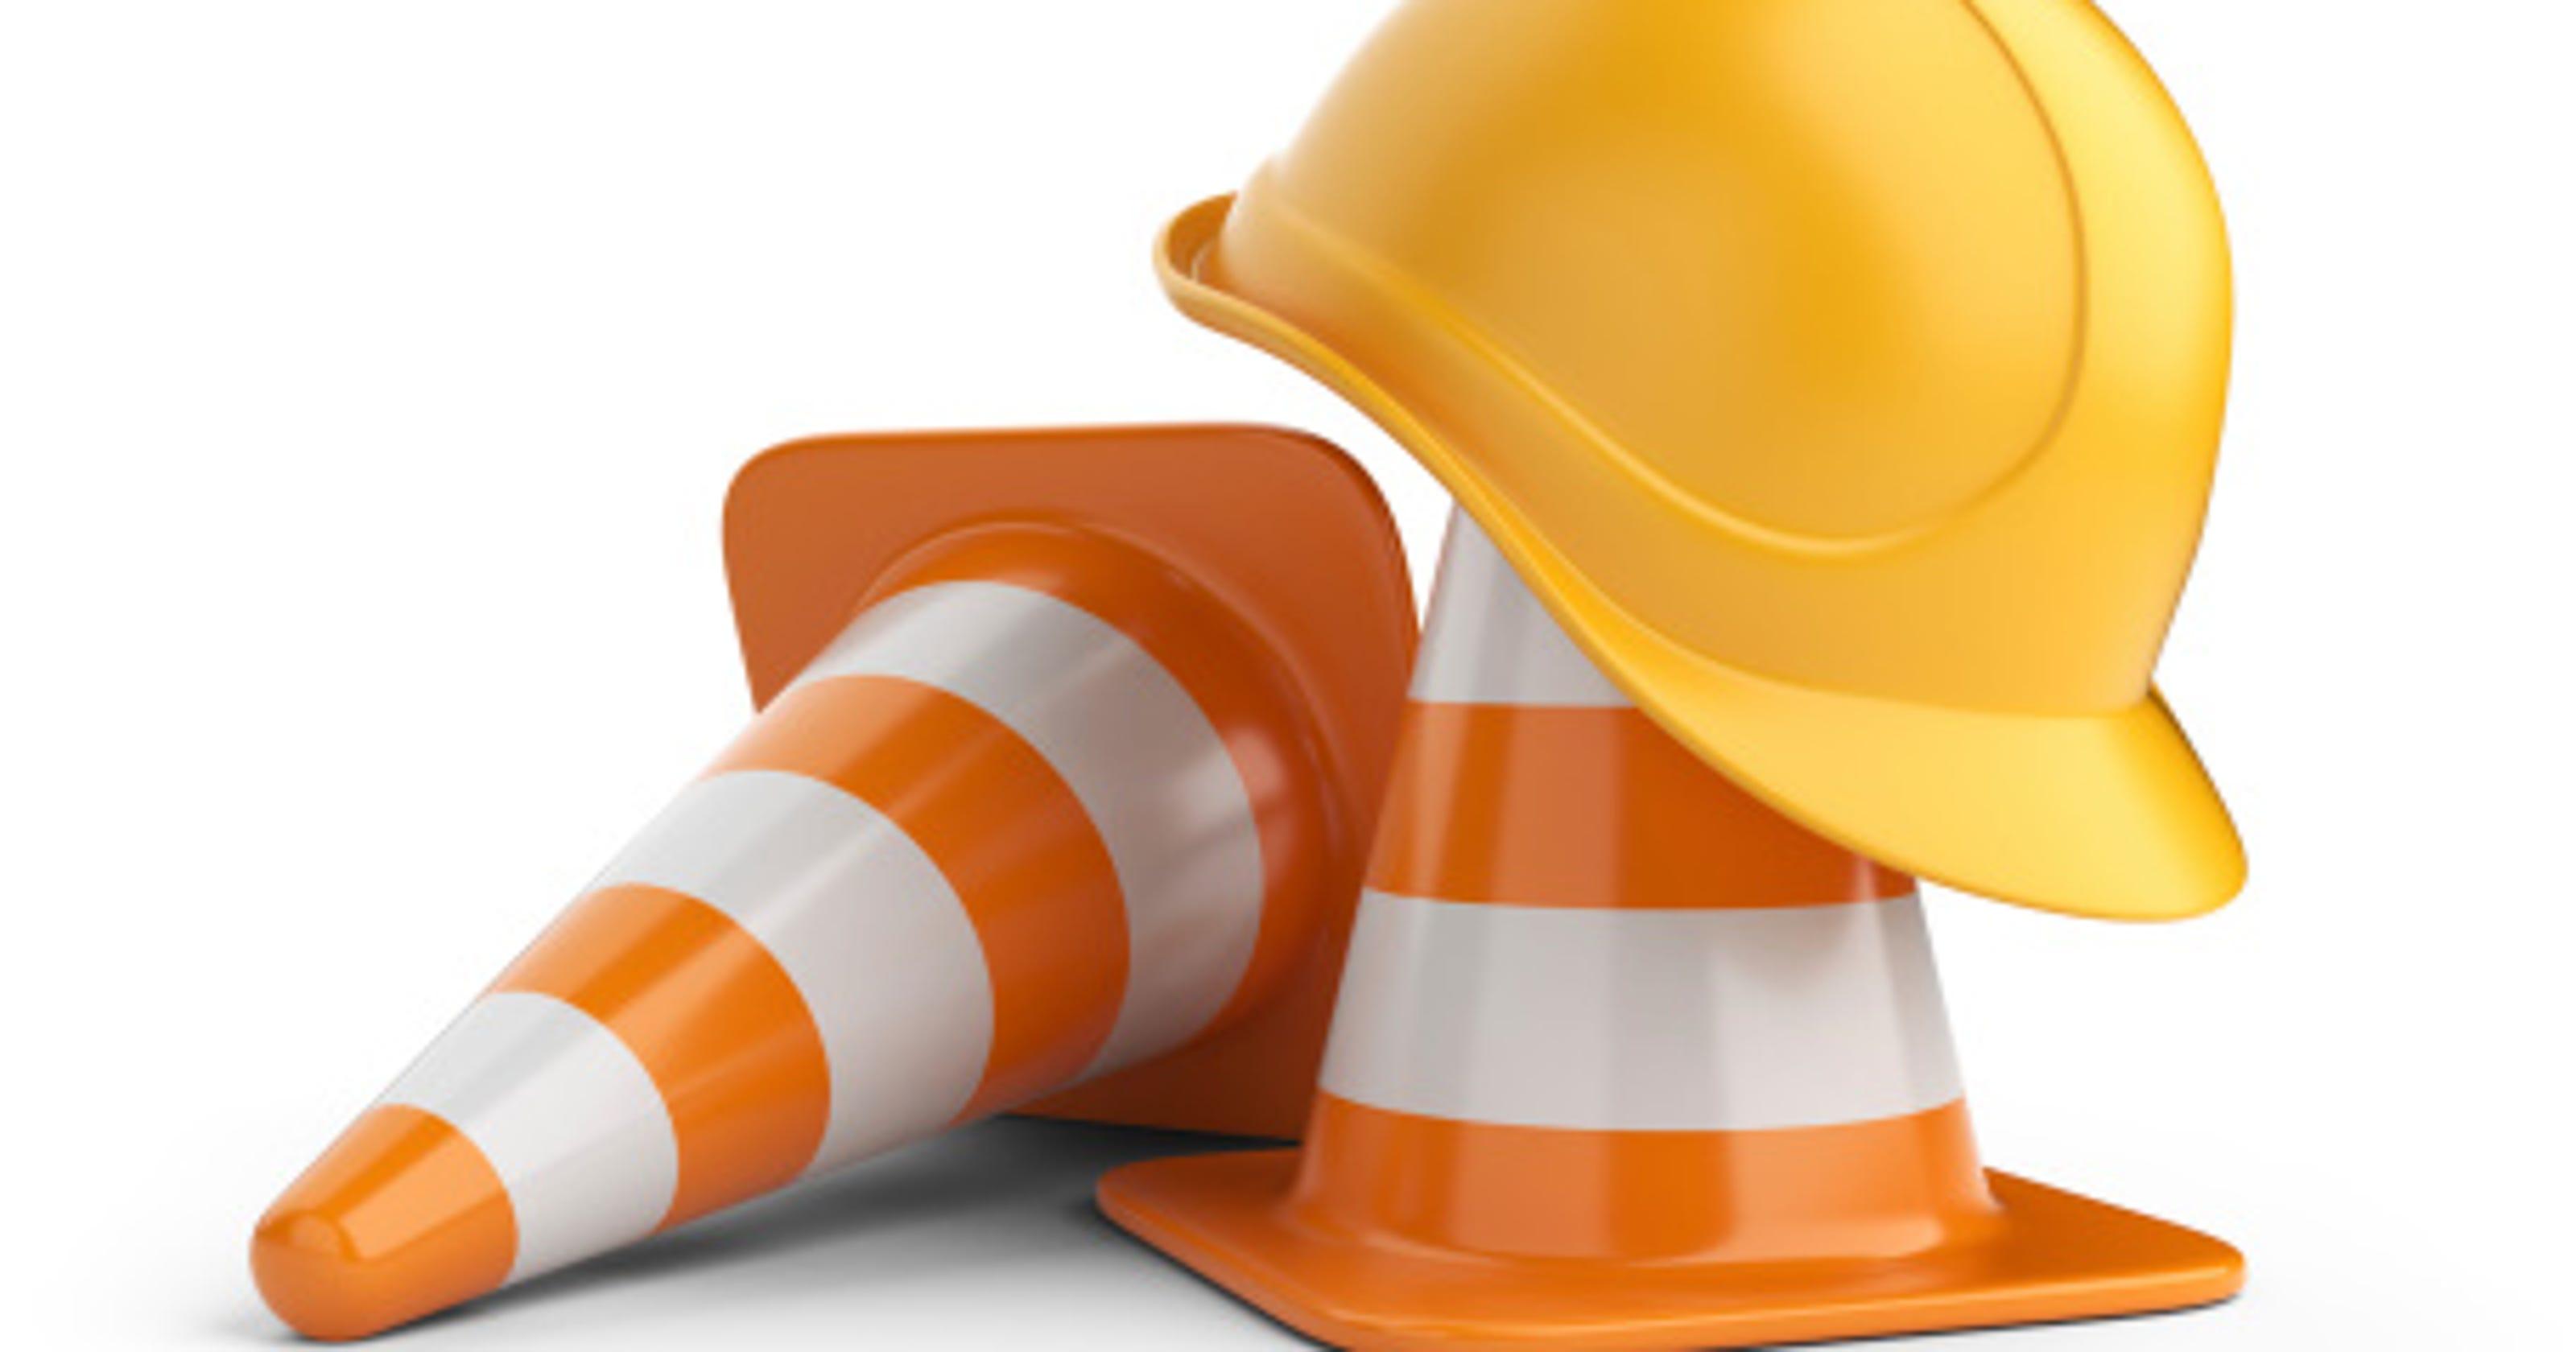 3 injured in 3-vehicle crash on Wis  172